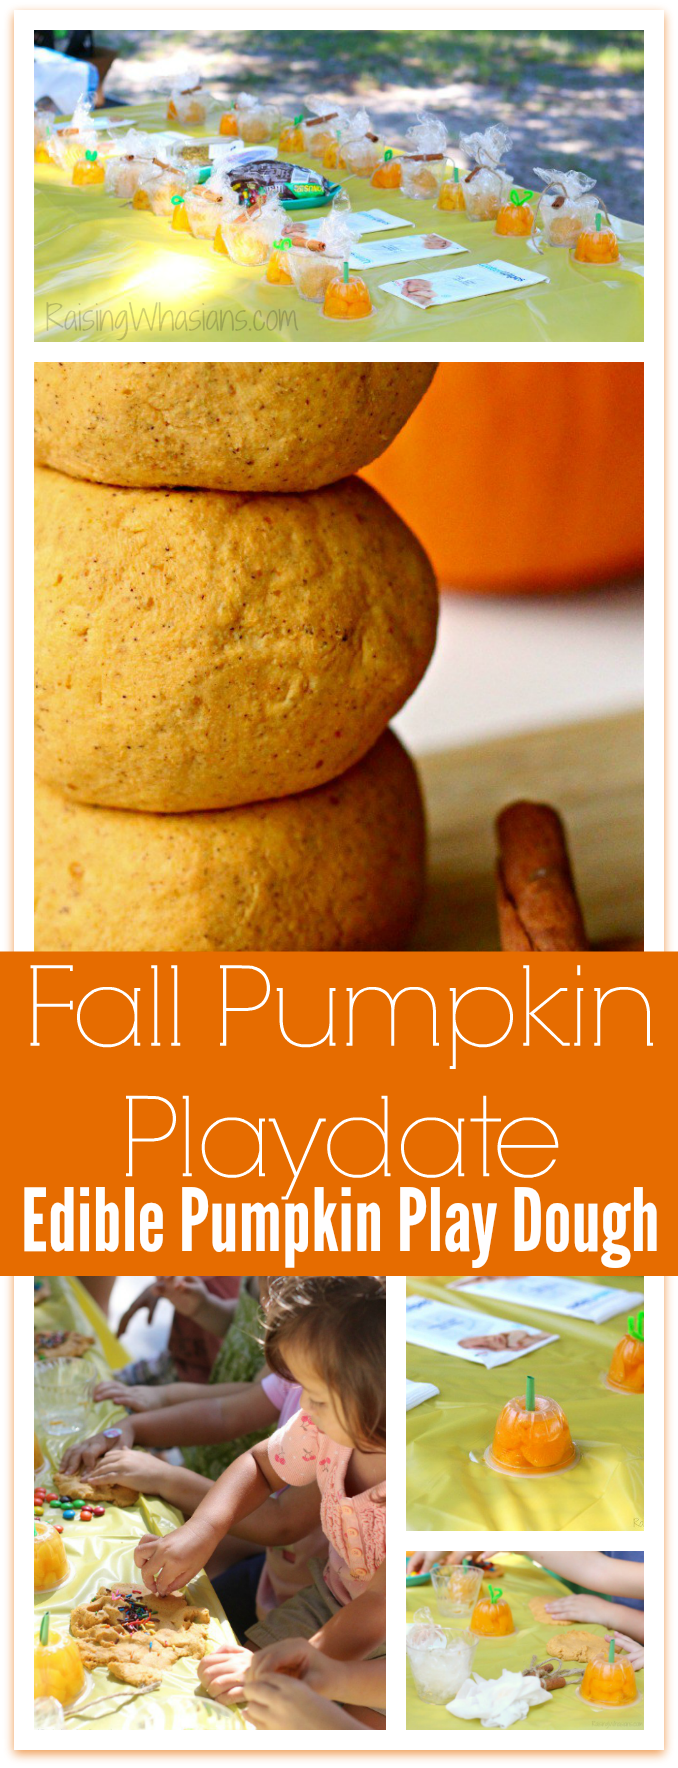 Pumpkin playdate ideas